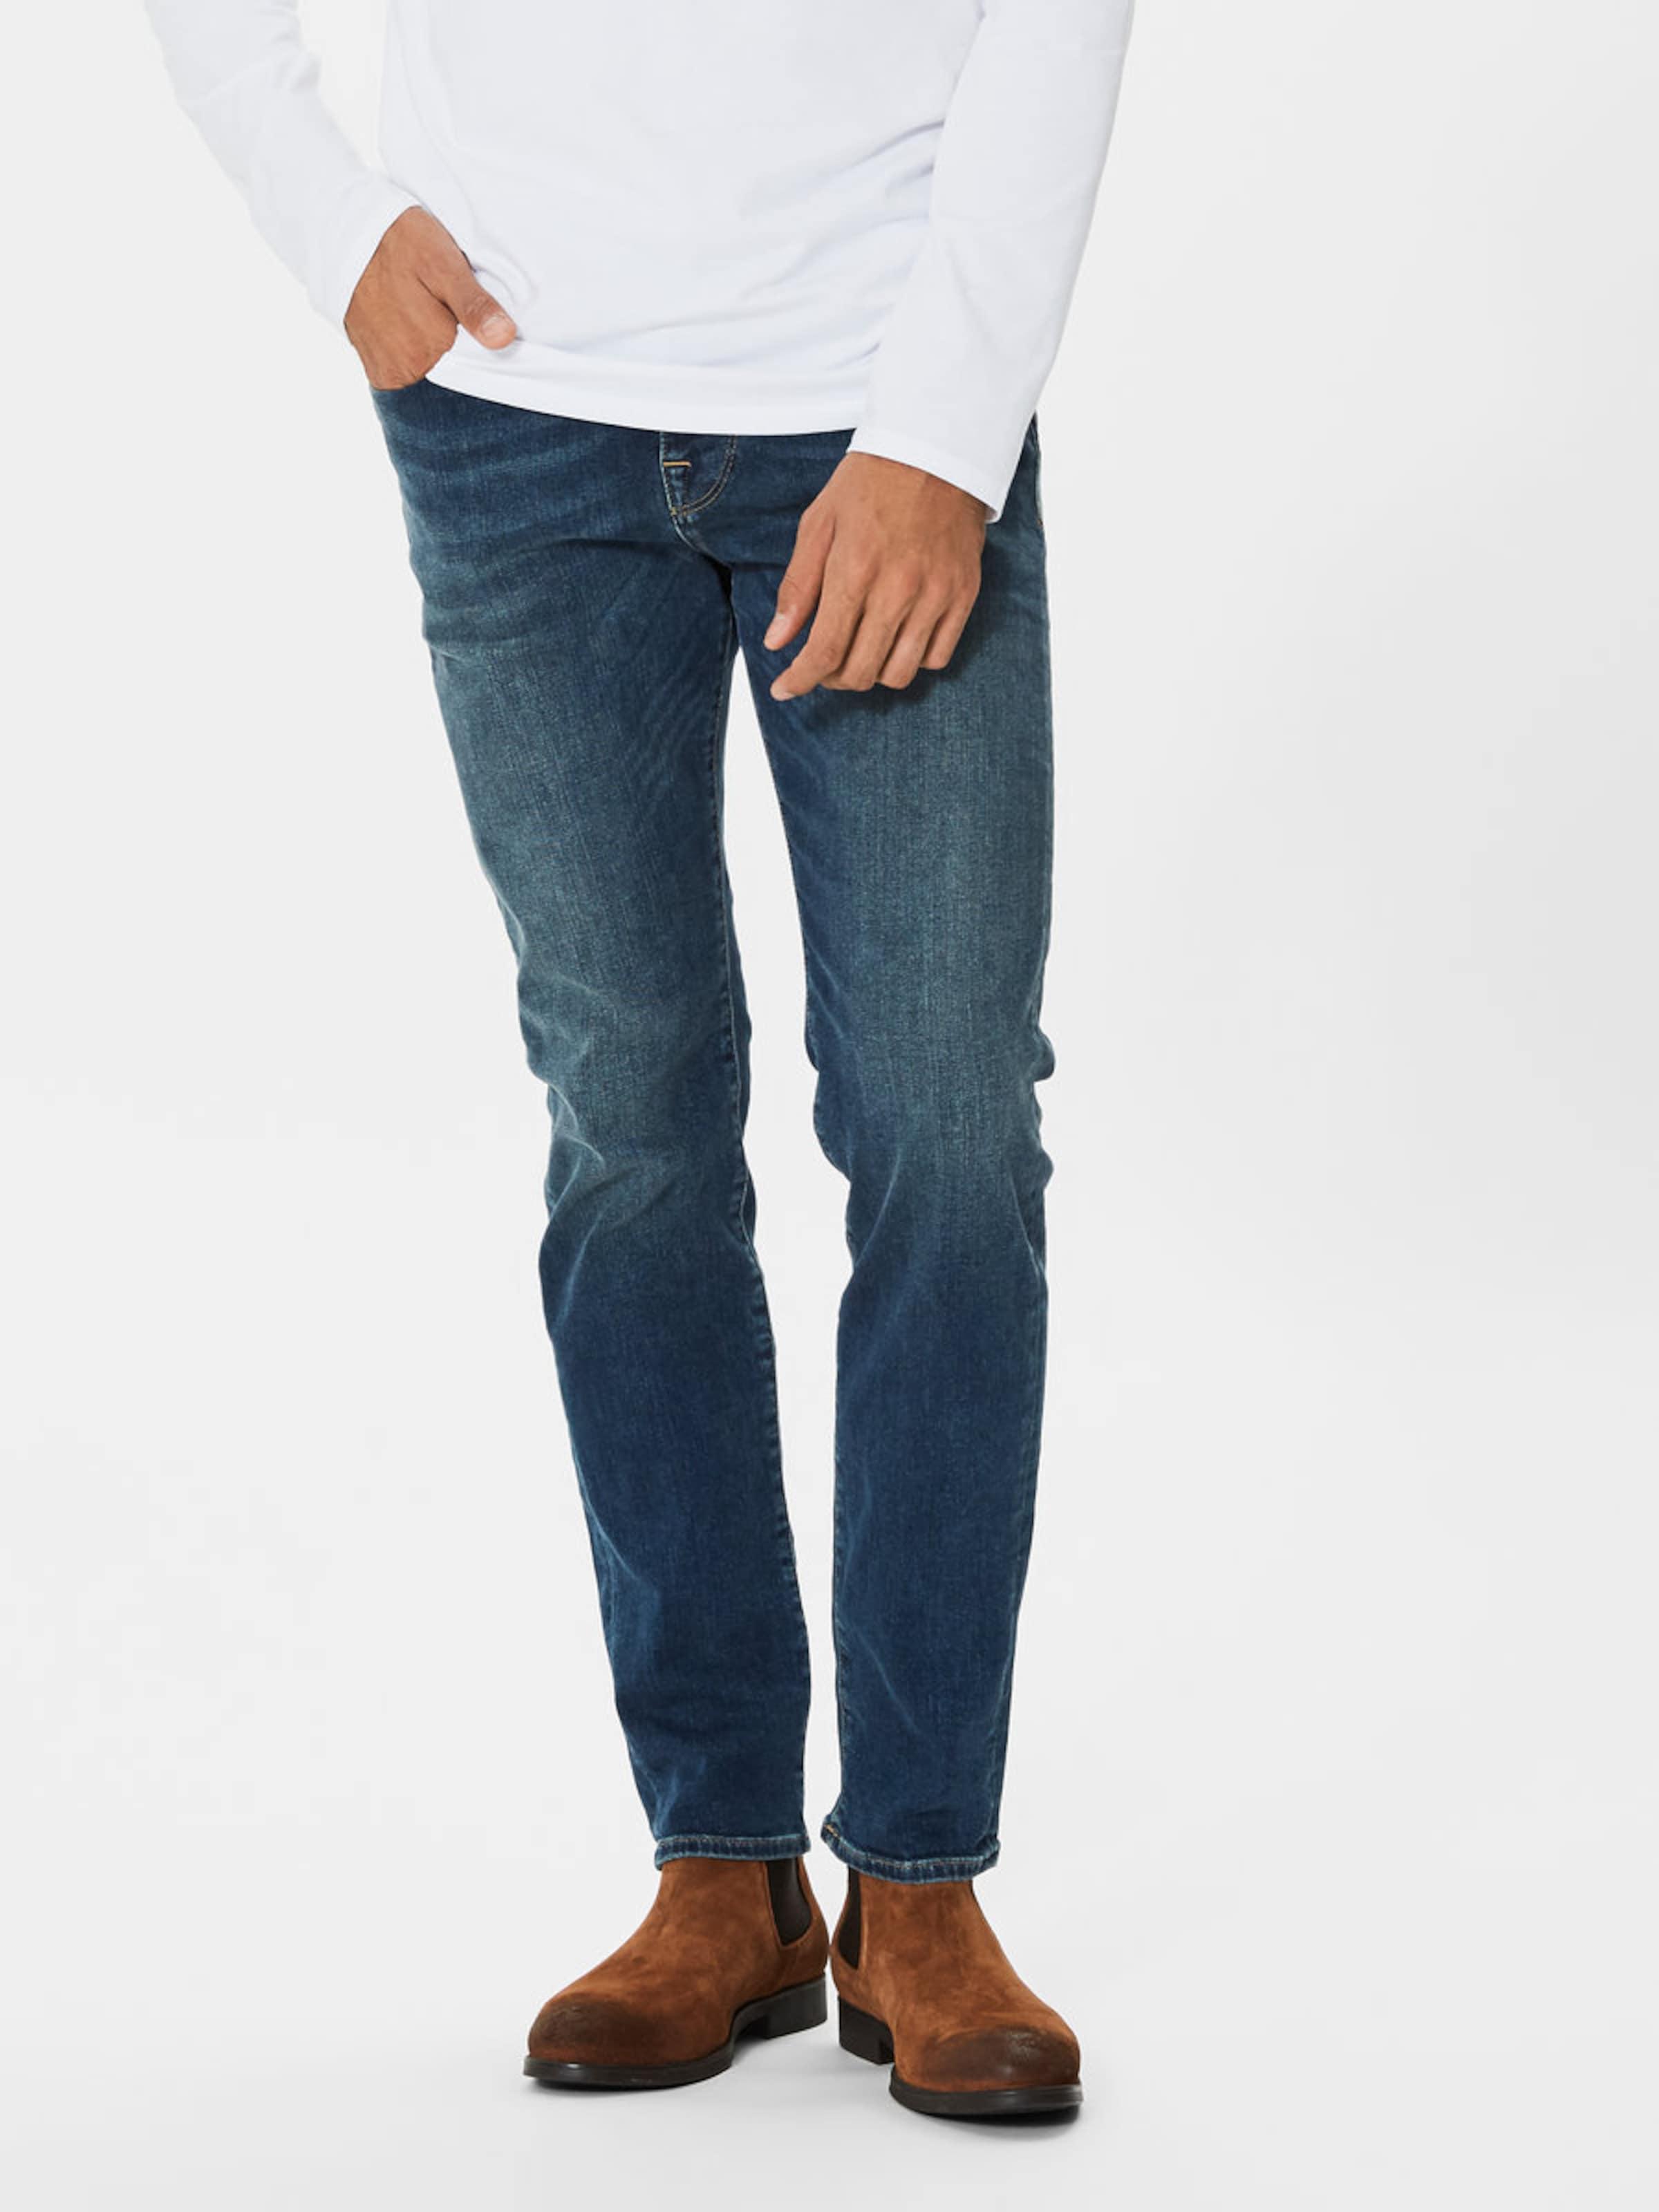 Offizielle Seite SELECTED HOMME Jeans 'SHNSLIM-LEON 1004 M.BLUE ST JNS NOOS' Kauf Zum Verkauf Spielraum Heißen Verkauf nIwtTR